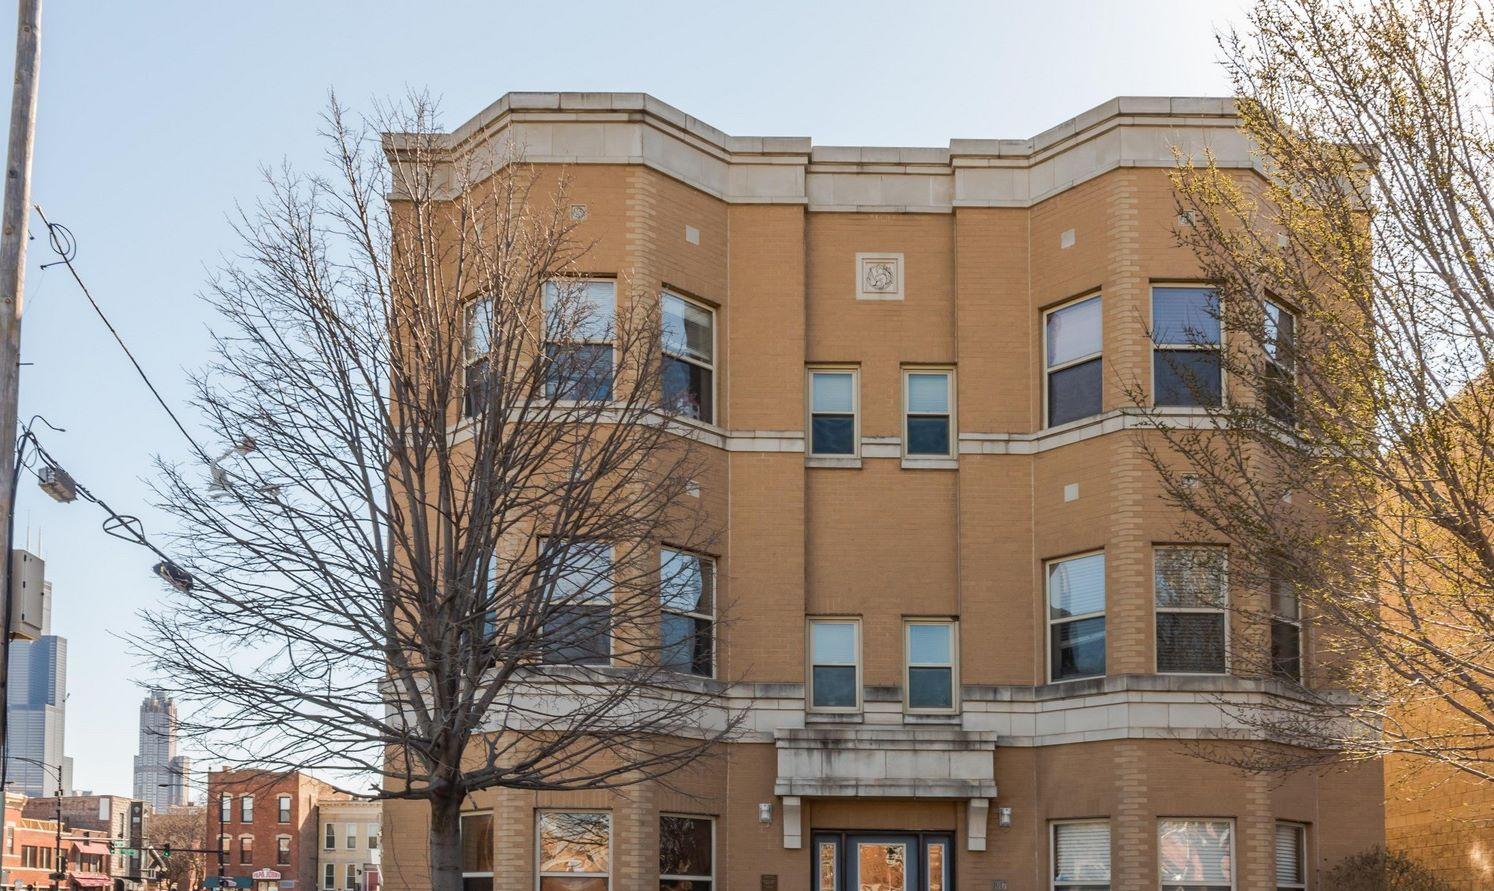 复式单位 为 销售 在 Little Italy Duplex 1017 S Lytle Street Unit 302 芝加哥, 伊利诺斯州, 60607 美国